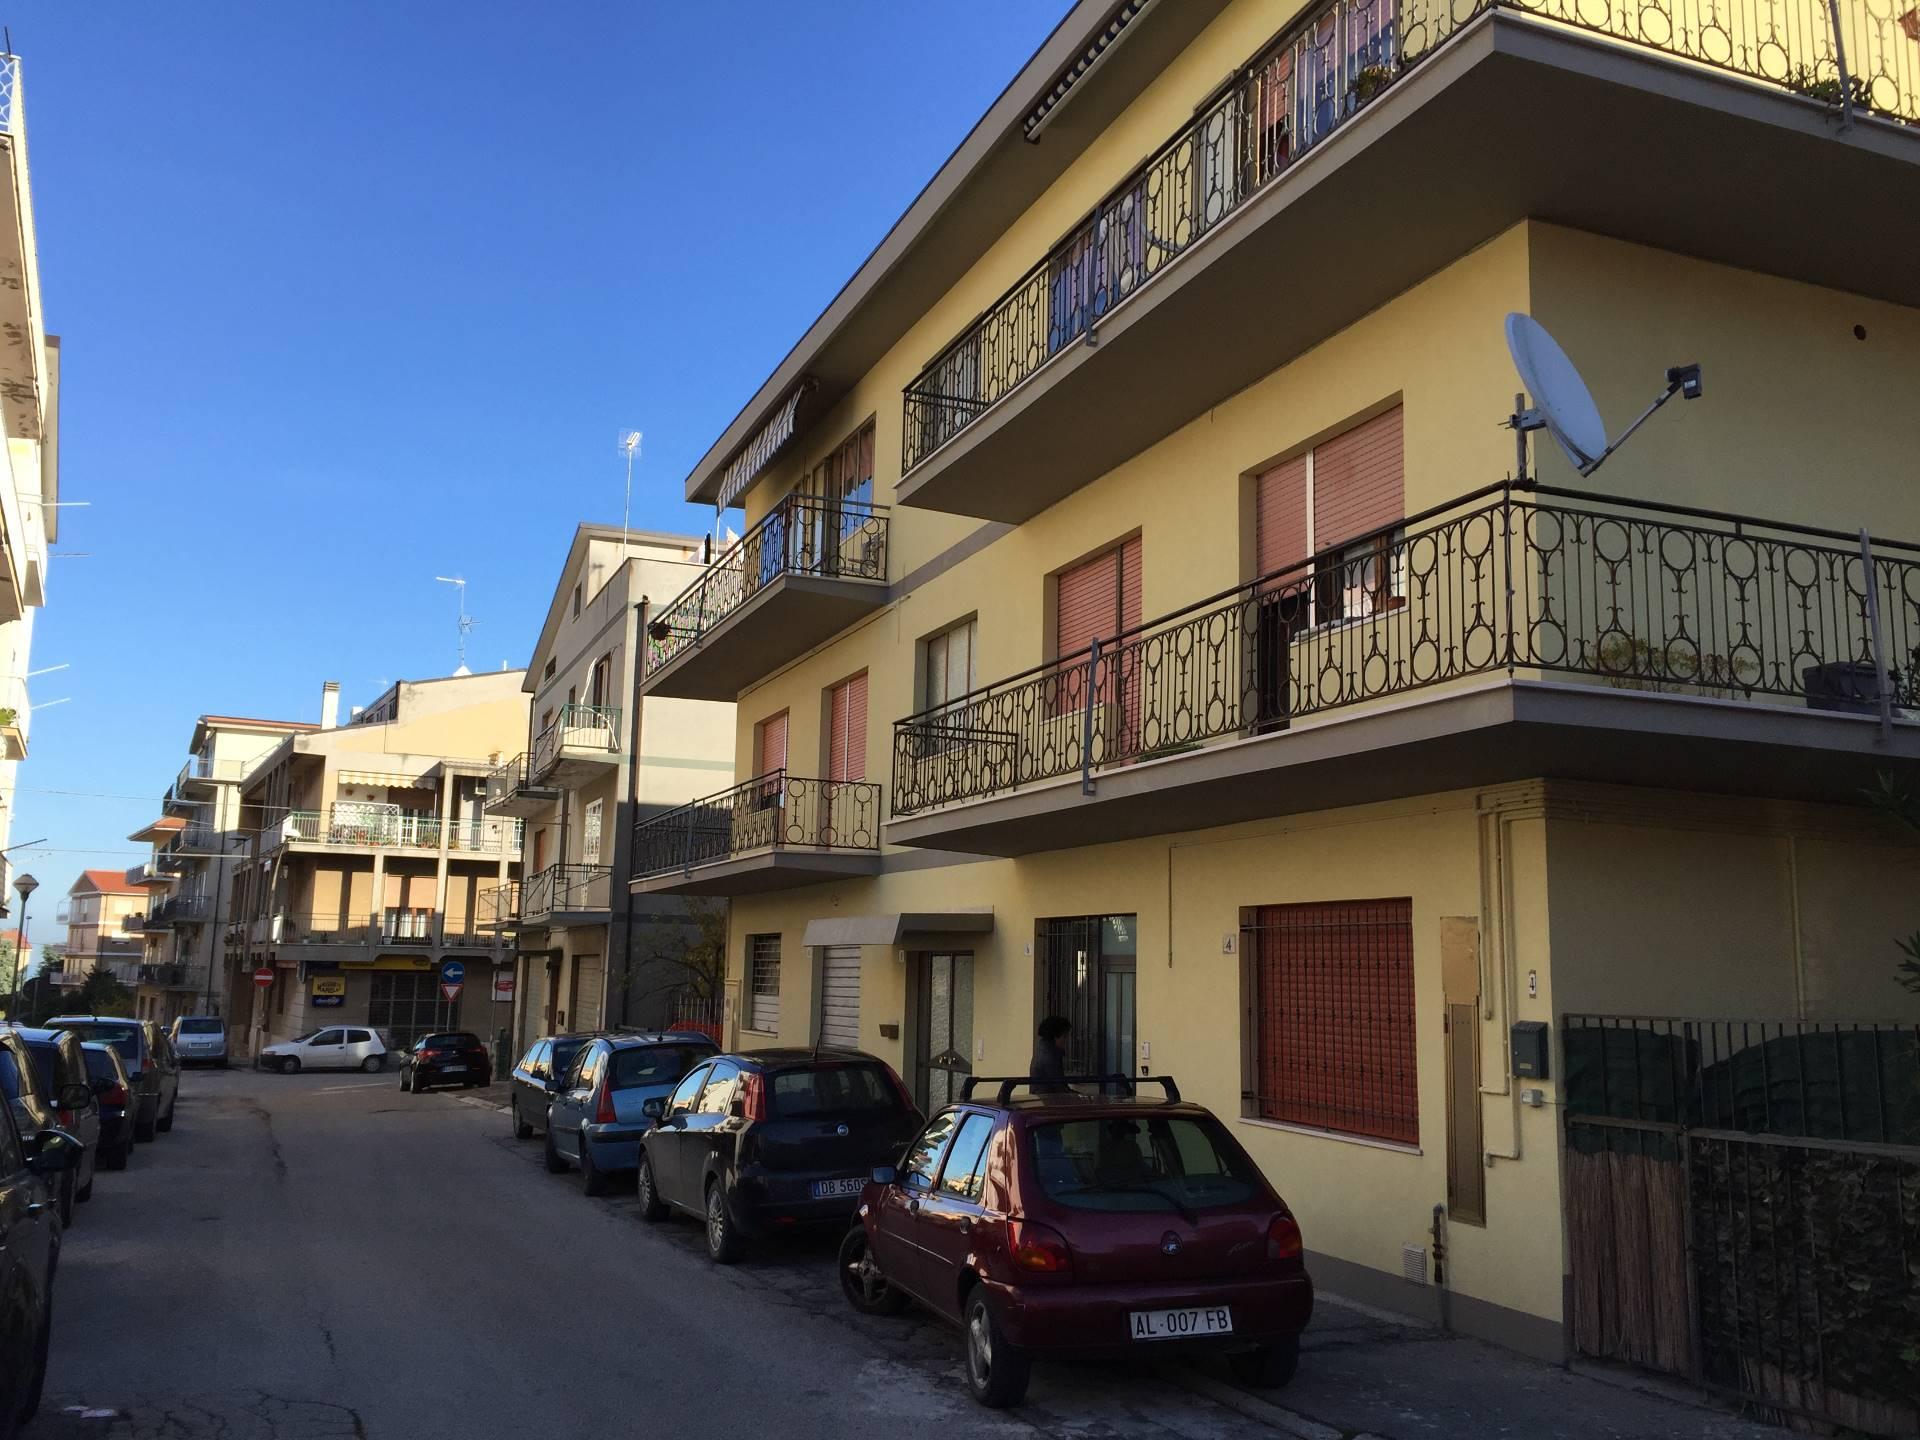 Appartamento in vendita a Vasto, 2 locali, zona Località: ZONACENTRALE, prezzo € 60.000 | CambioCasa.it